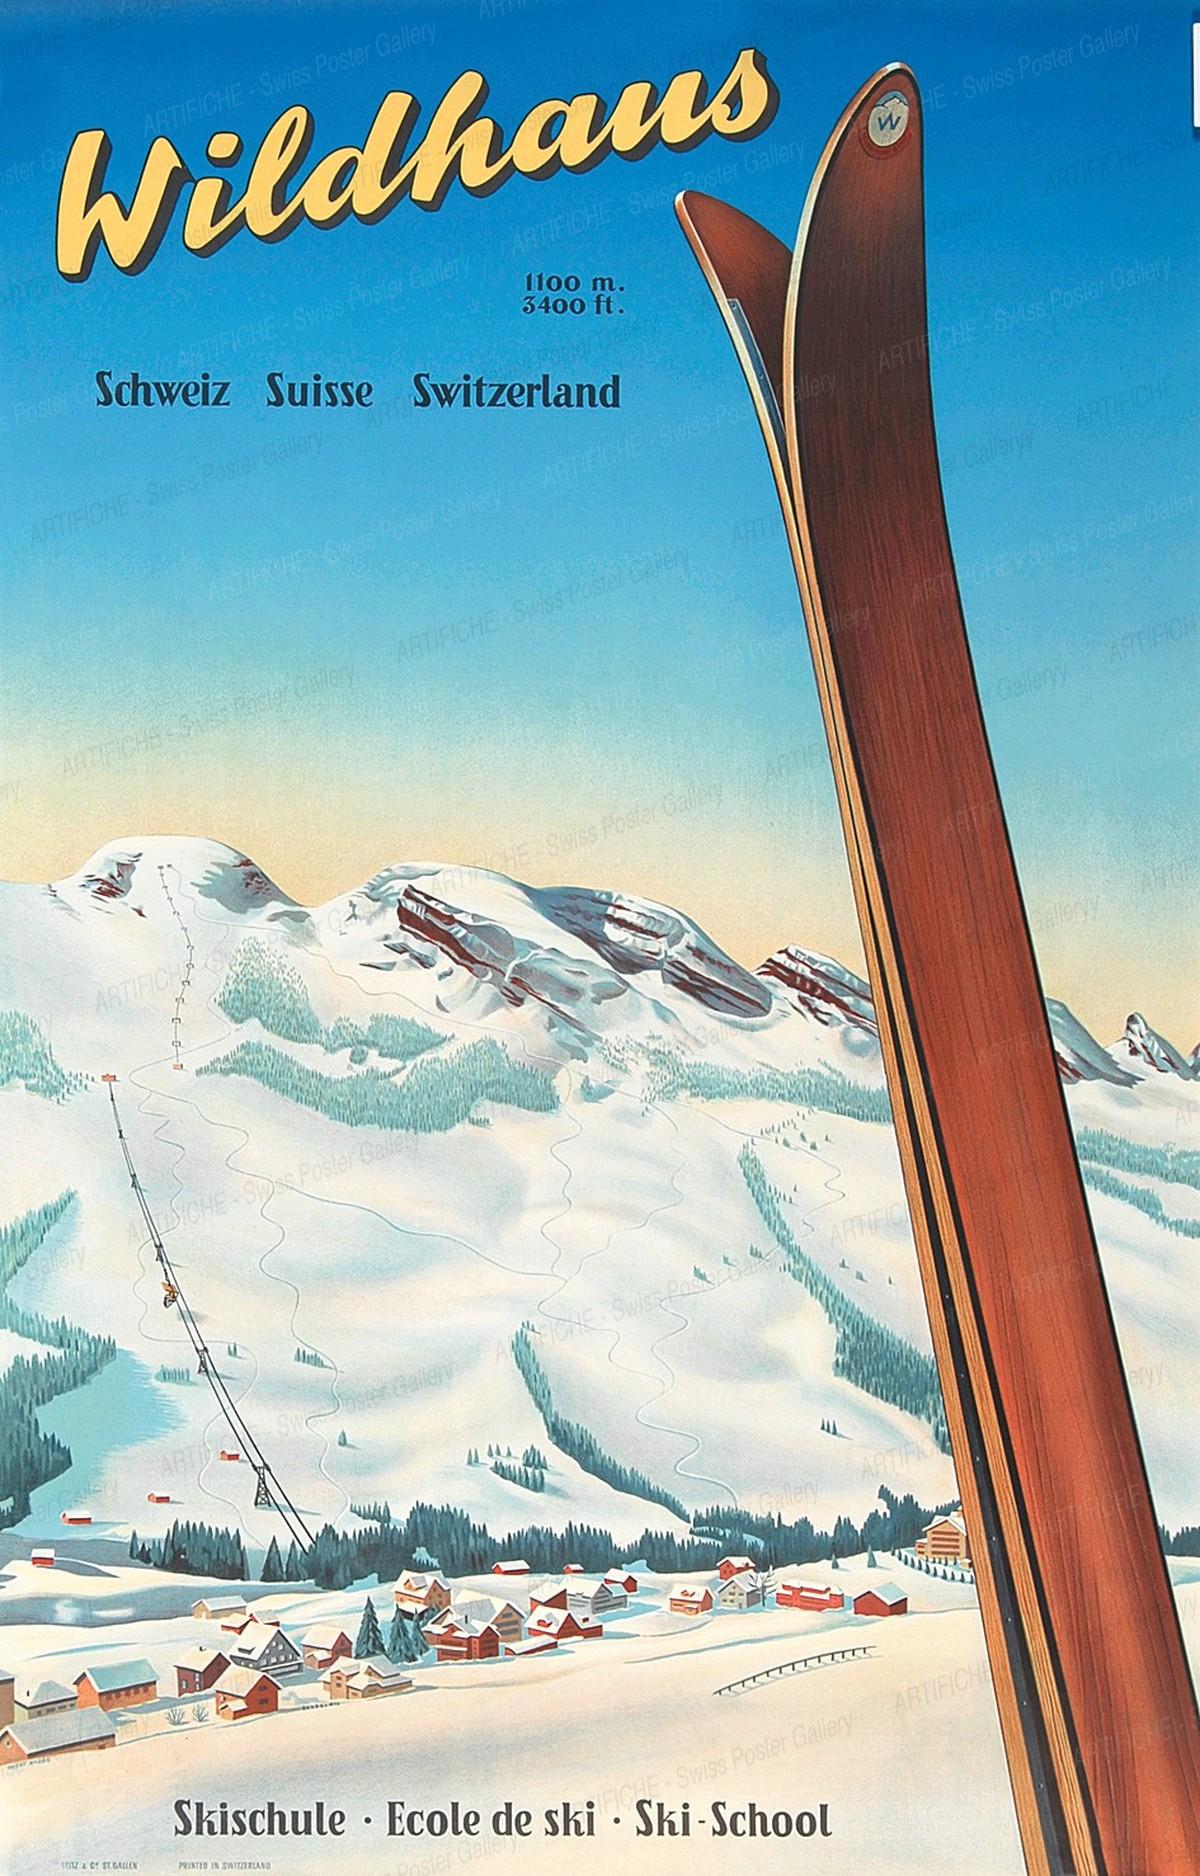 Wildhaus 1100 m. 3400 ft – Skischule – Ecole de Ski – Ski School, Fredy Hilbert